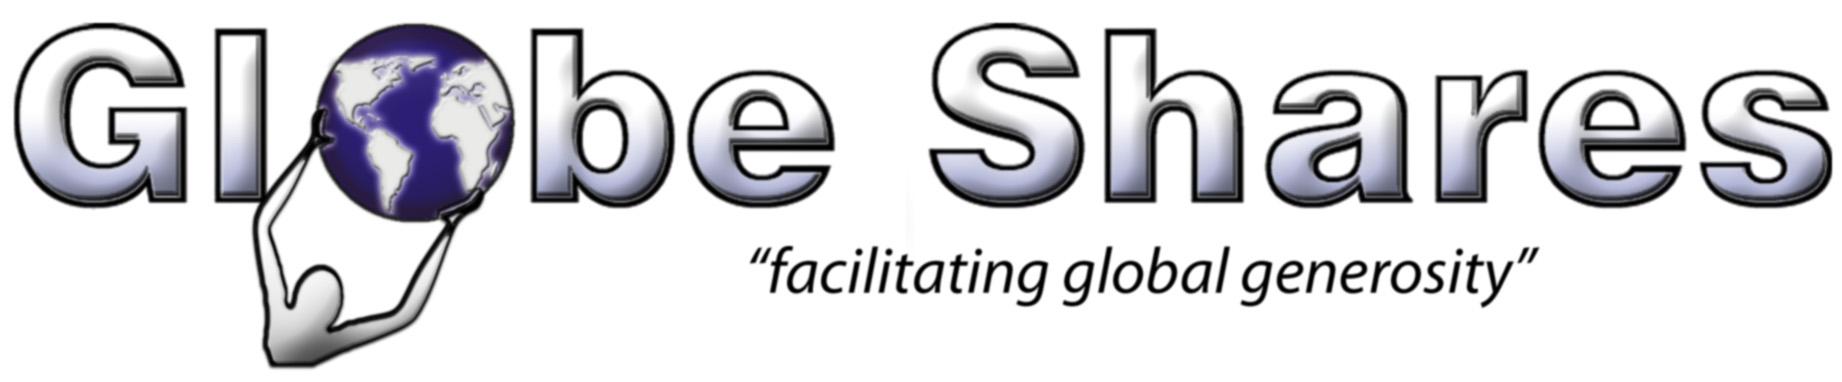 Globe Shares logo